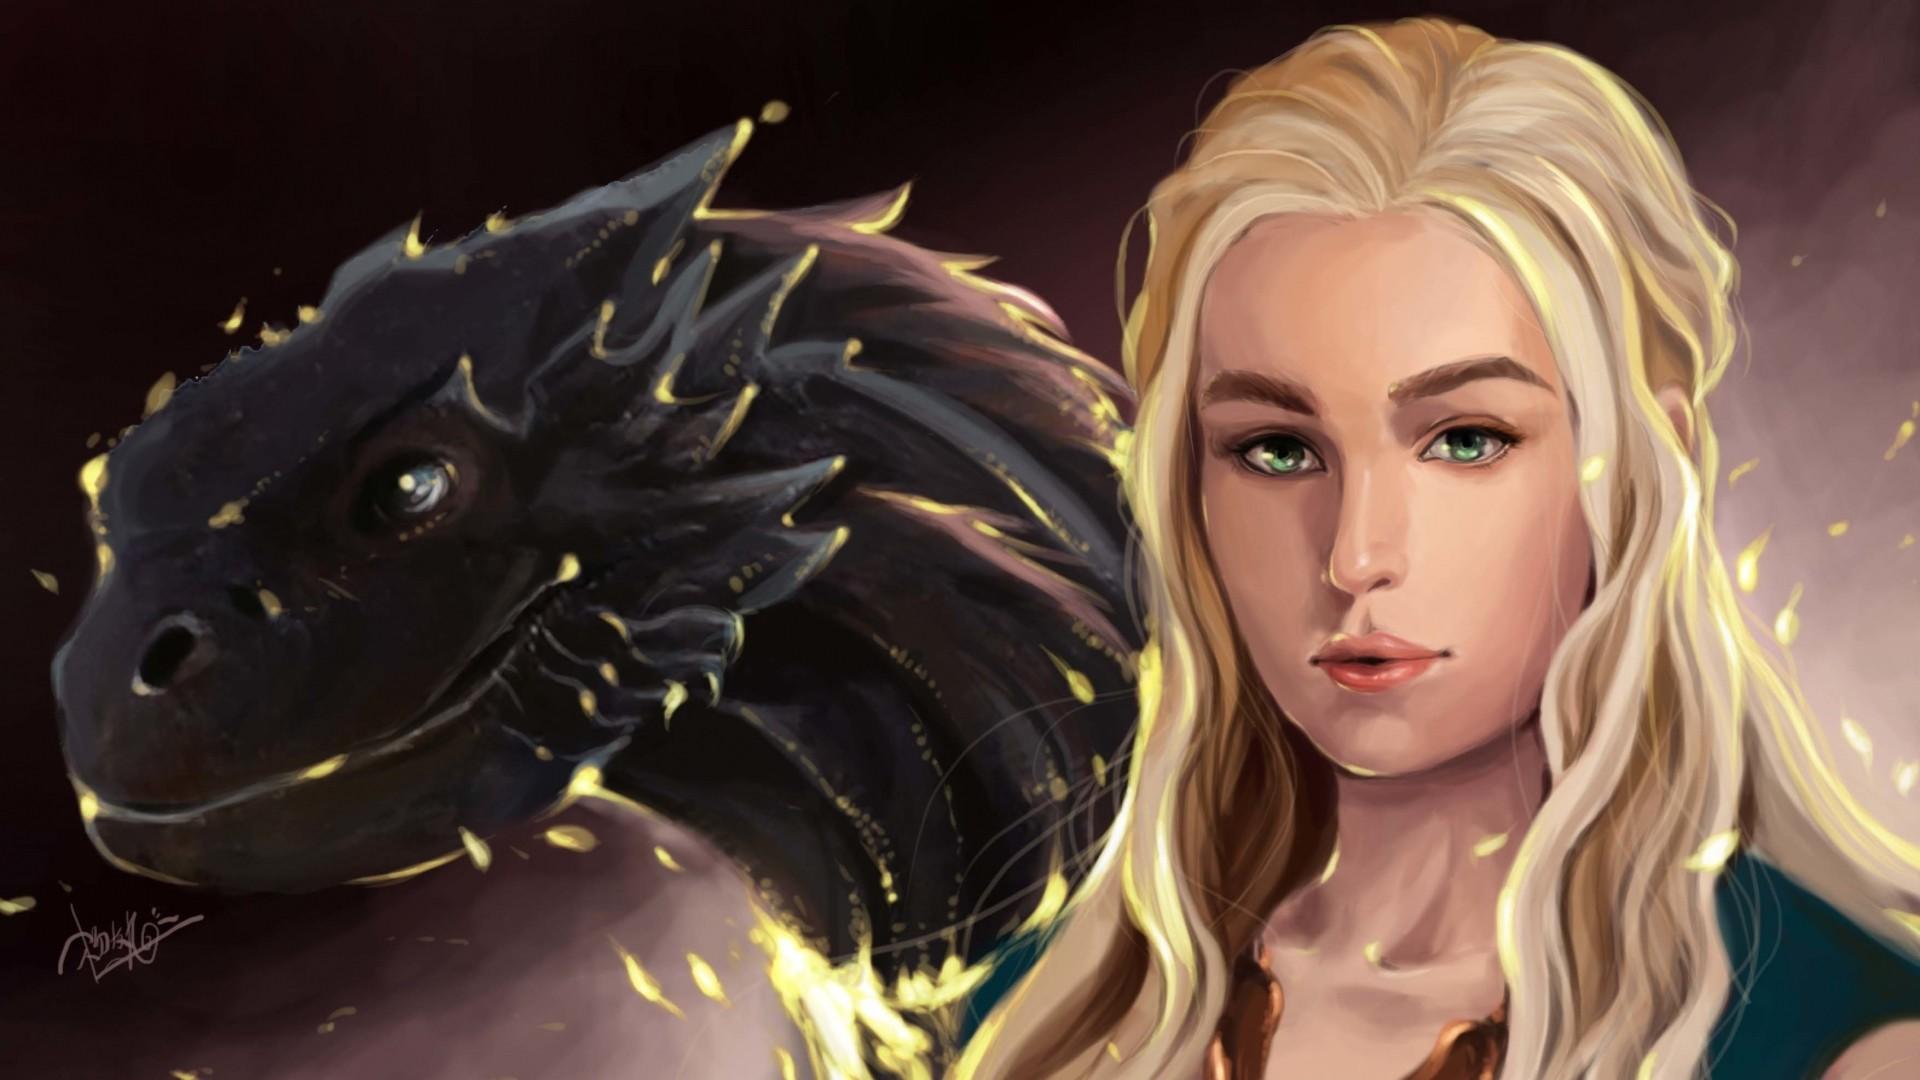 Wallpaper game of thrones, daenerys targaryen, dragons